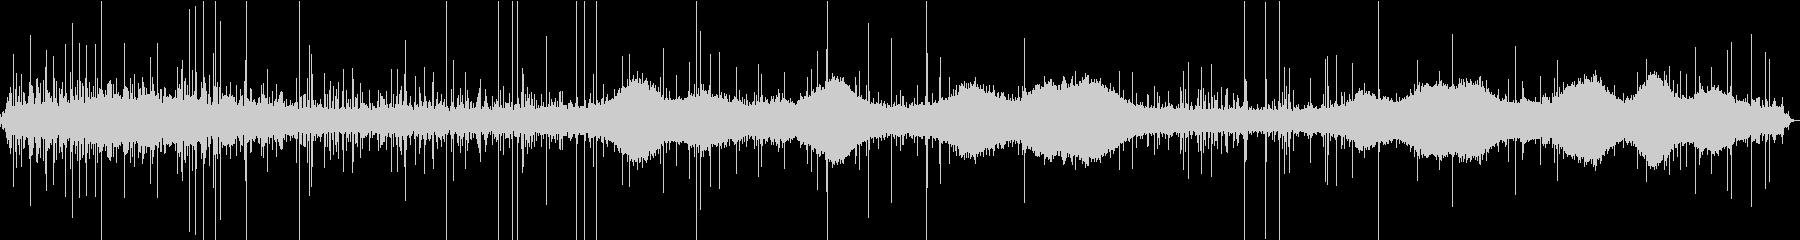 【生録音】雨の街の環境音 1 の未再生の波形